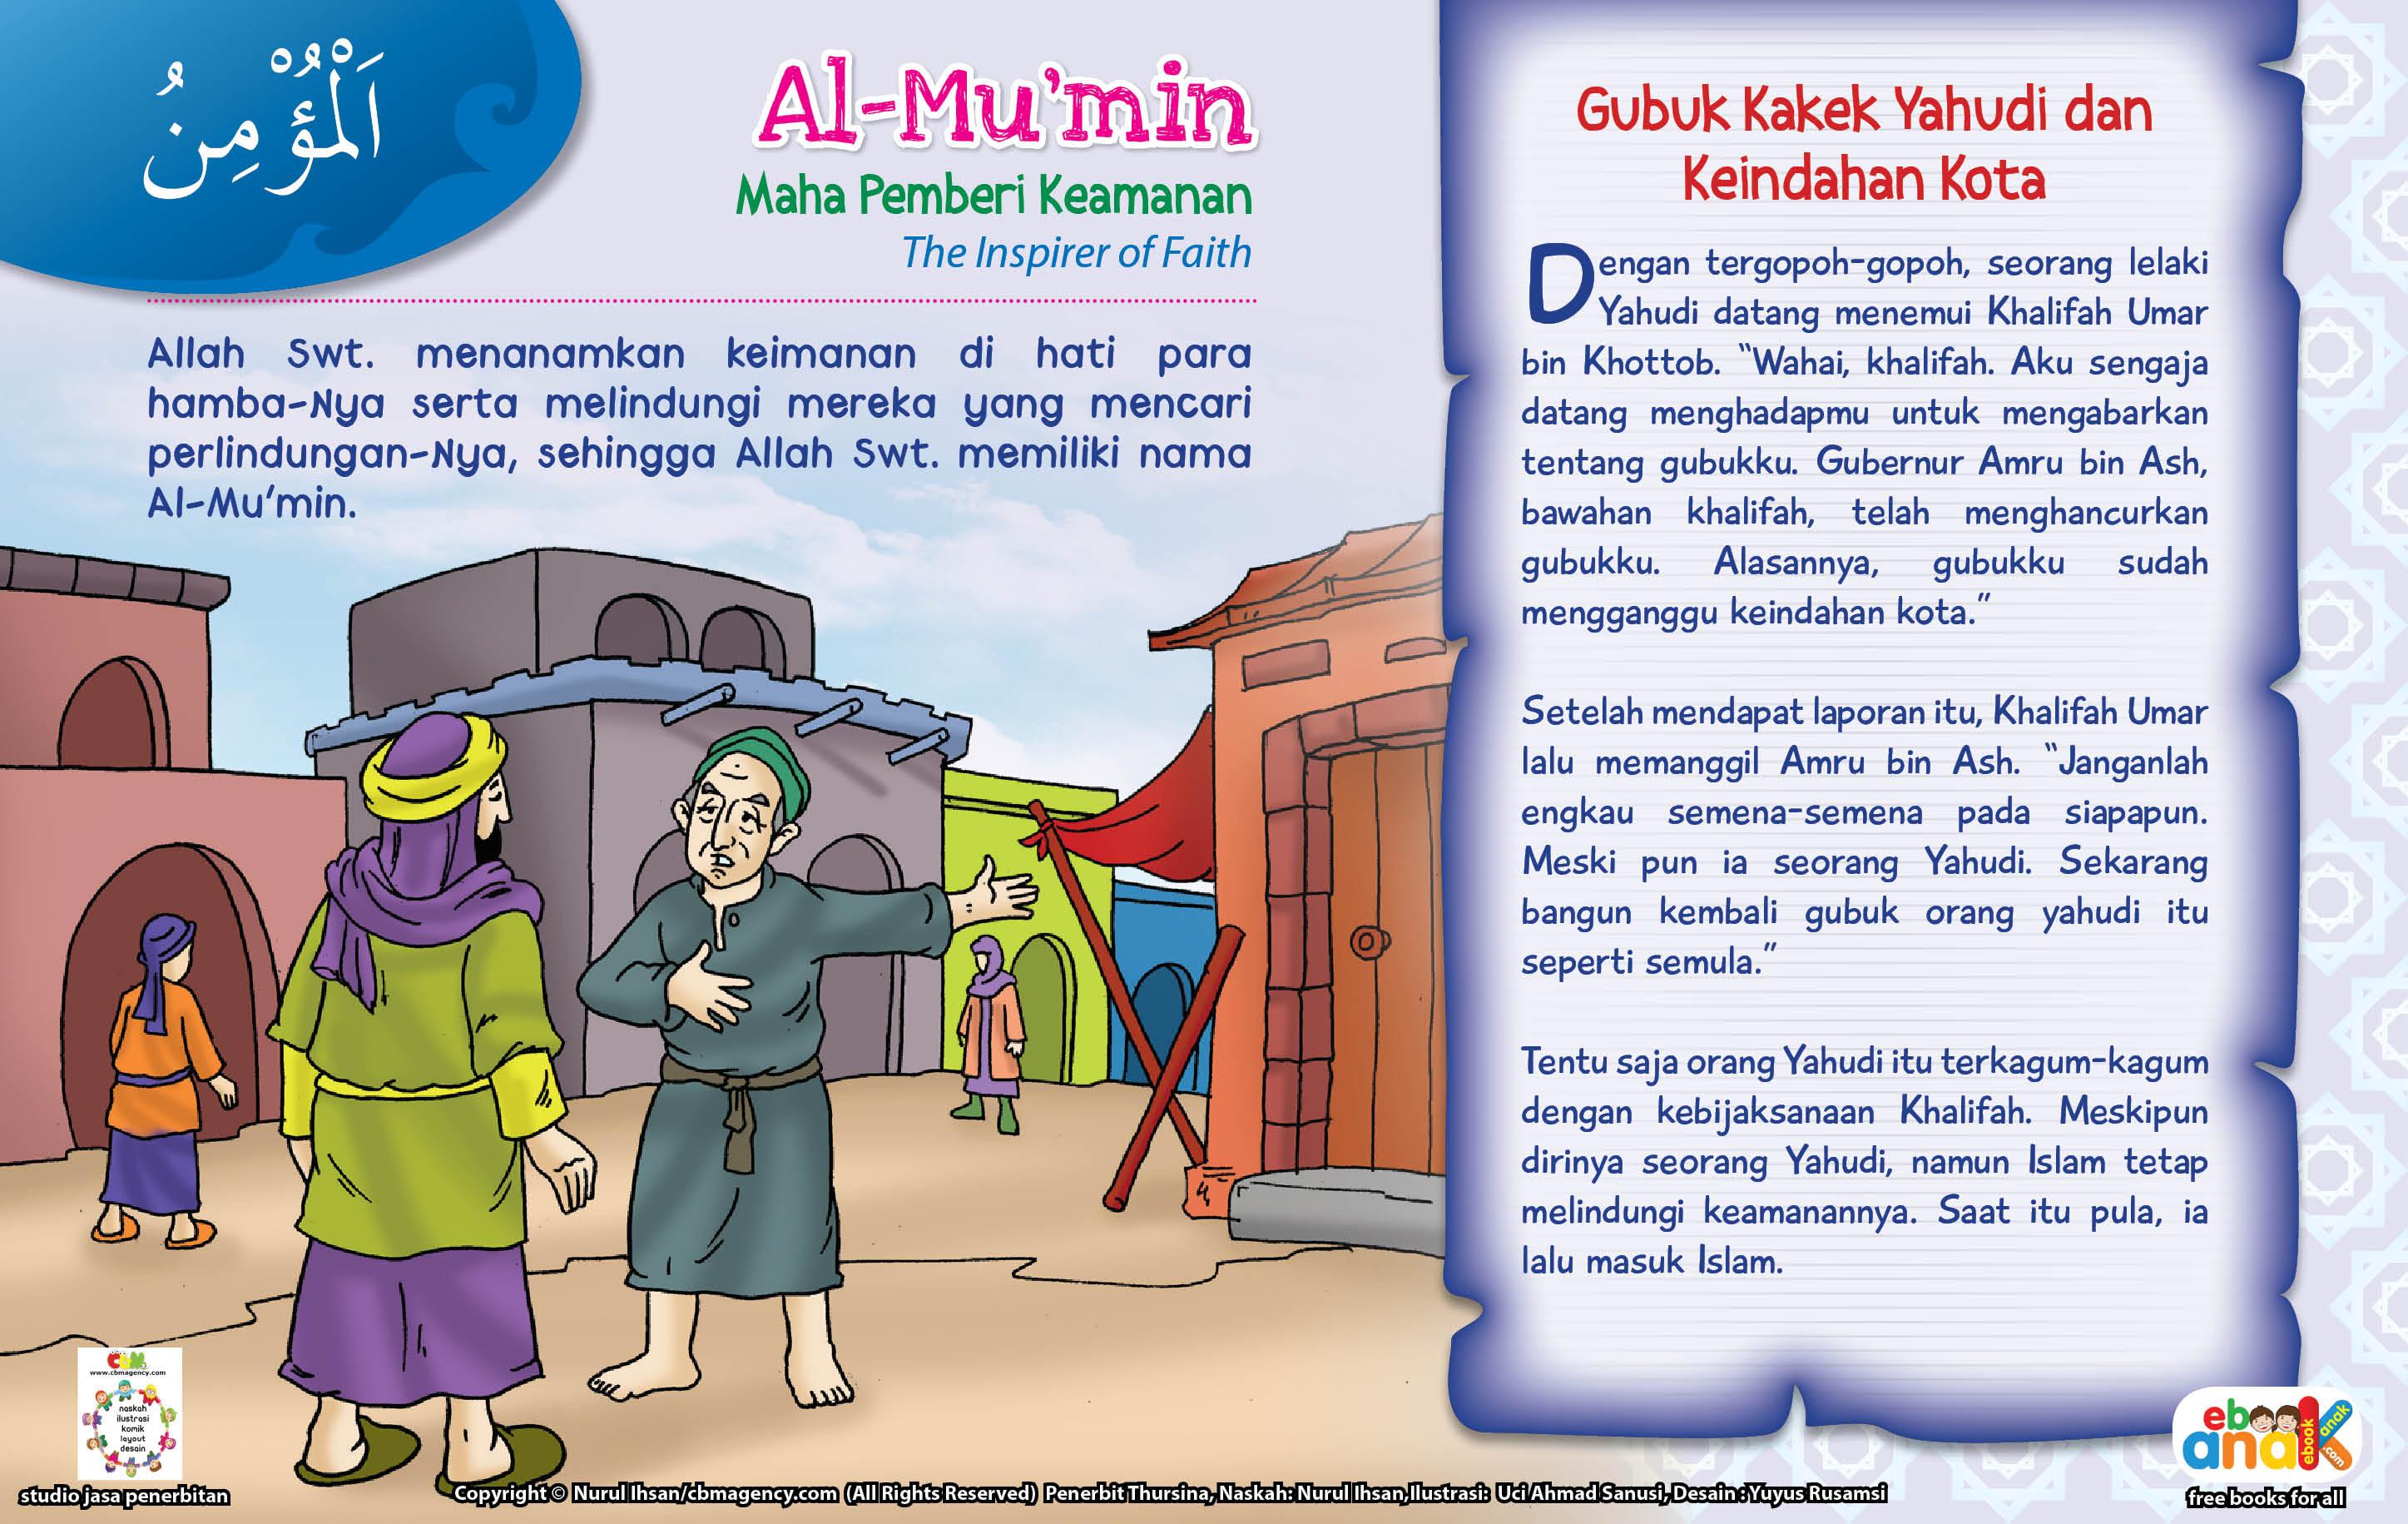 asmaul husna al-mu'min